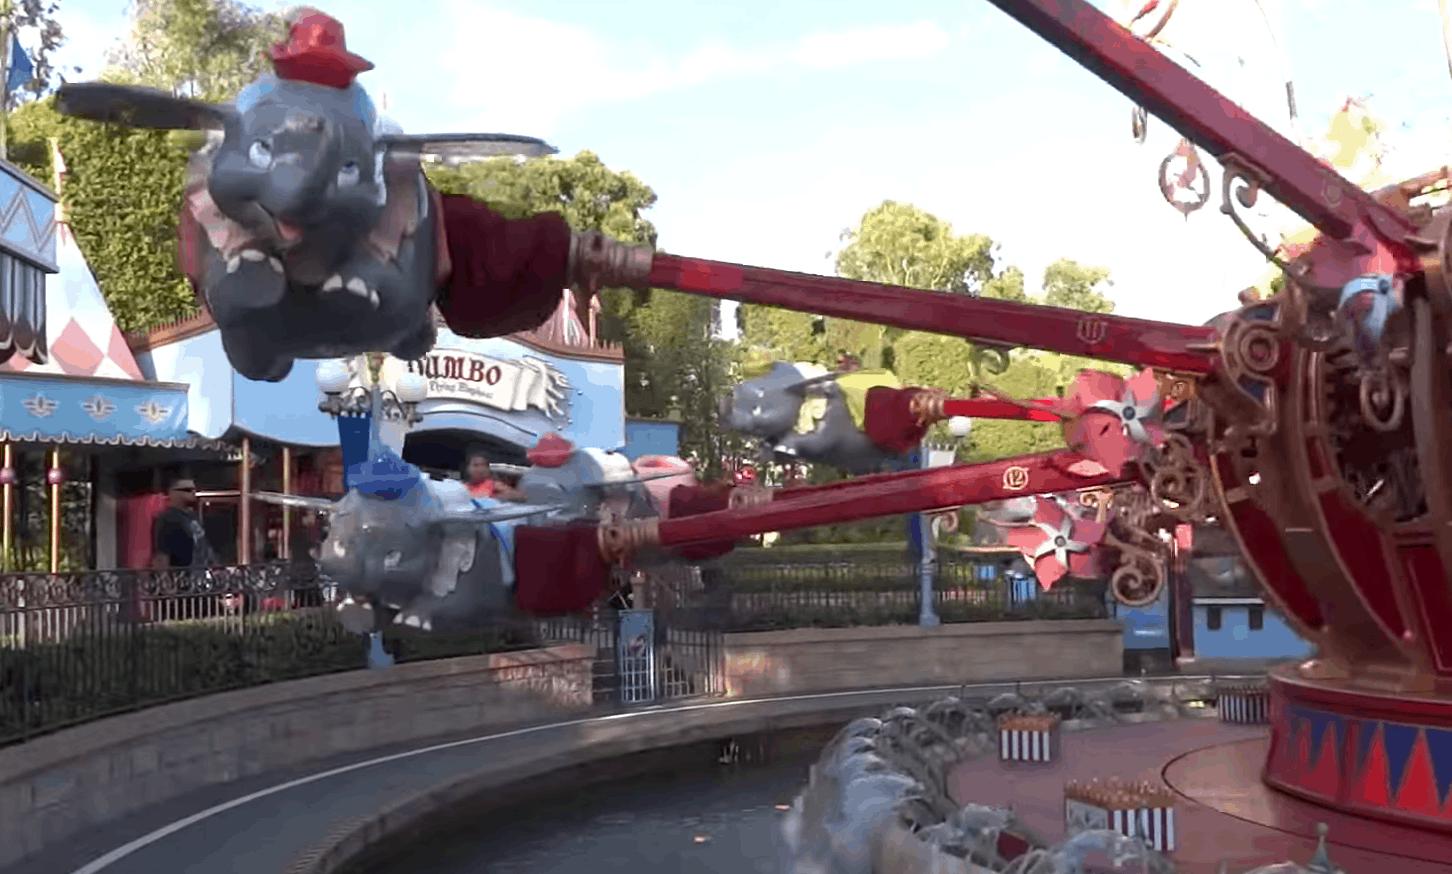 Dumbo at Disneyland